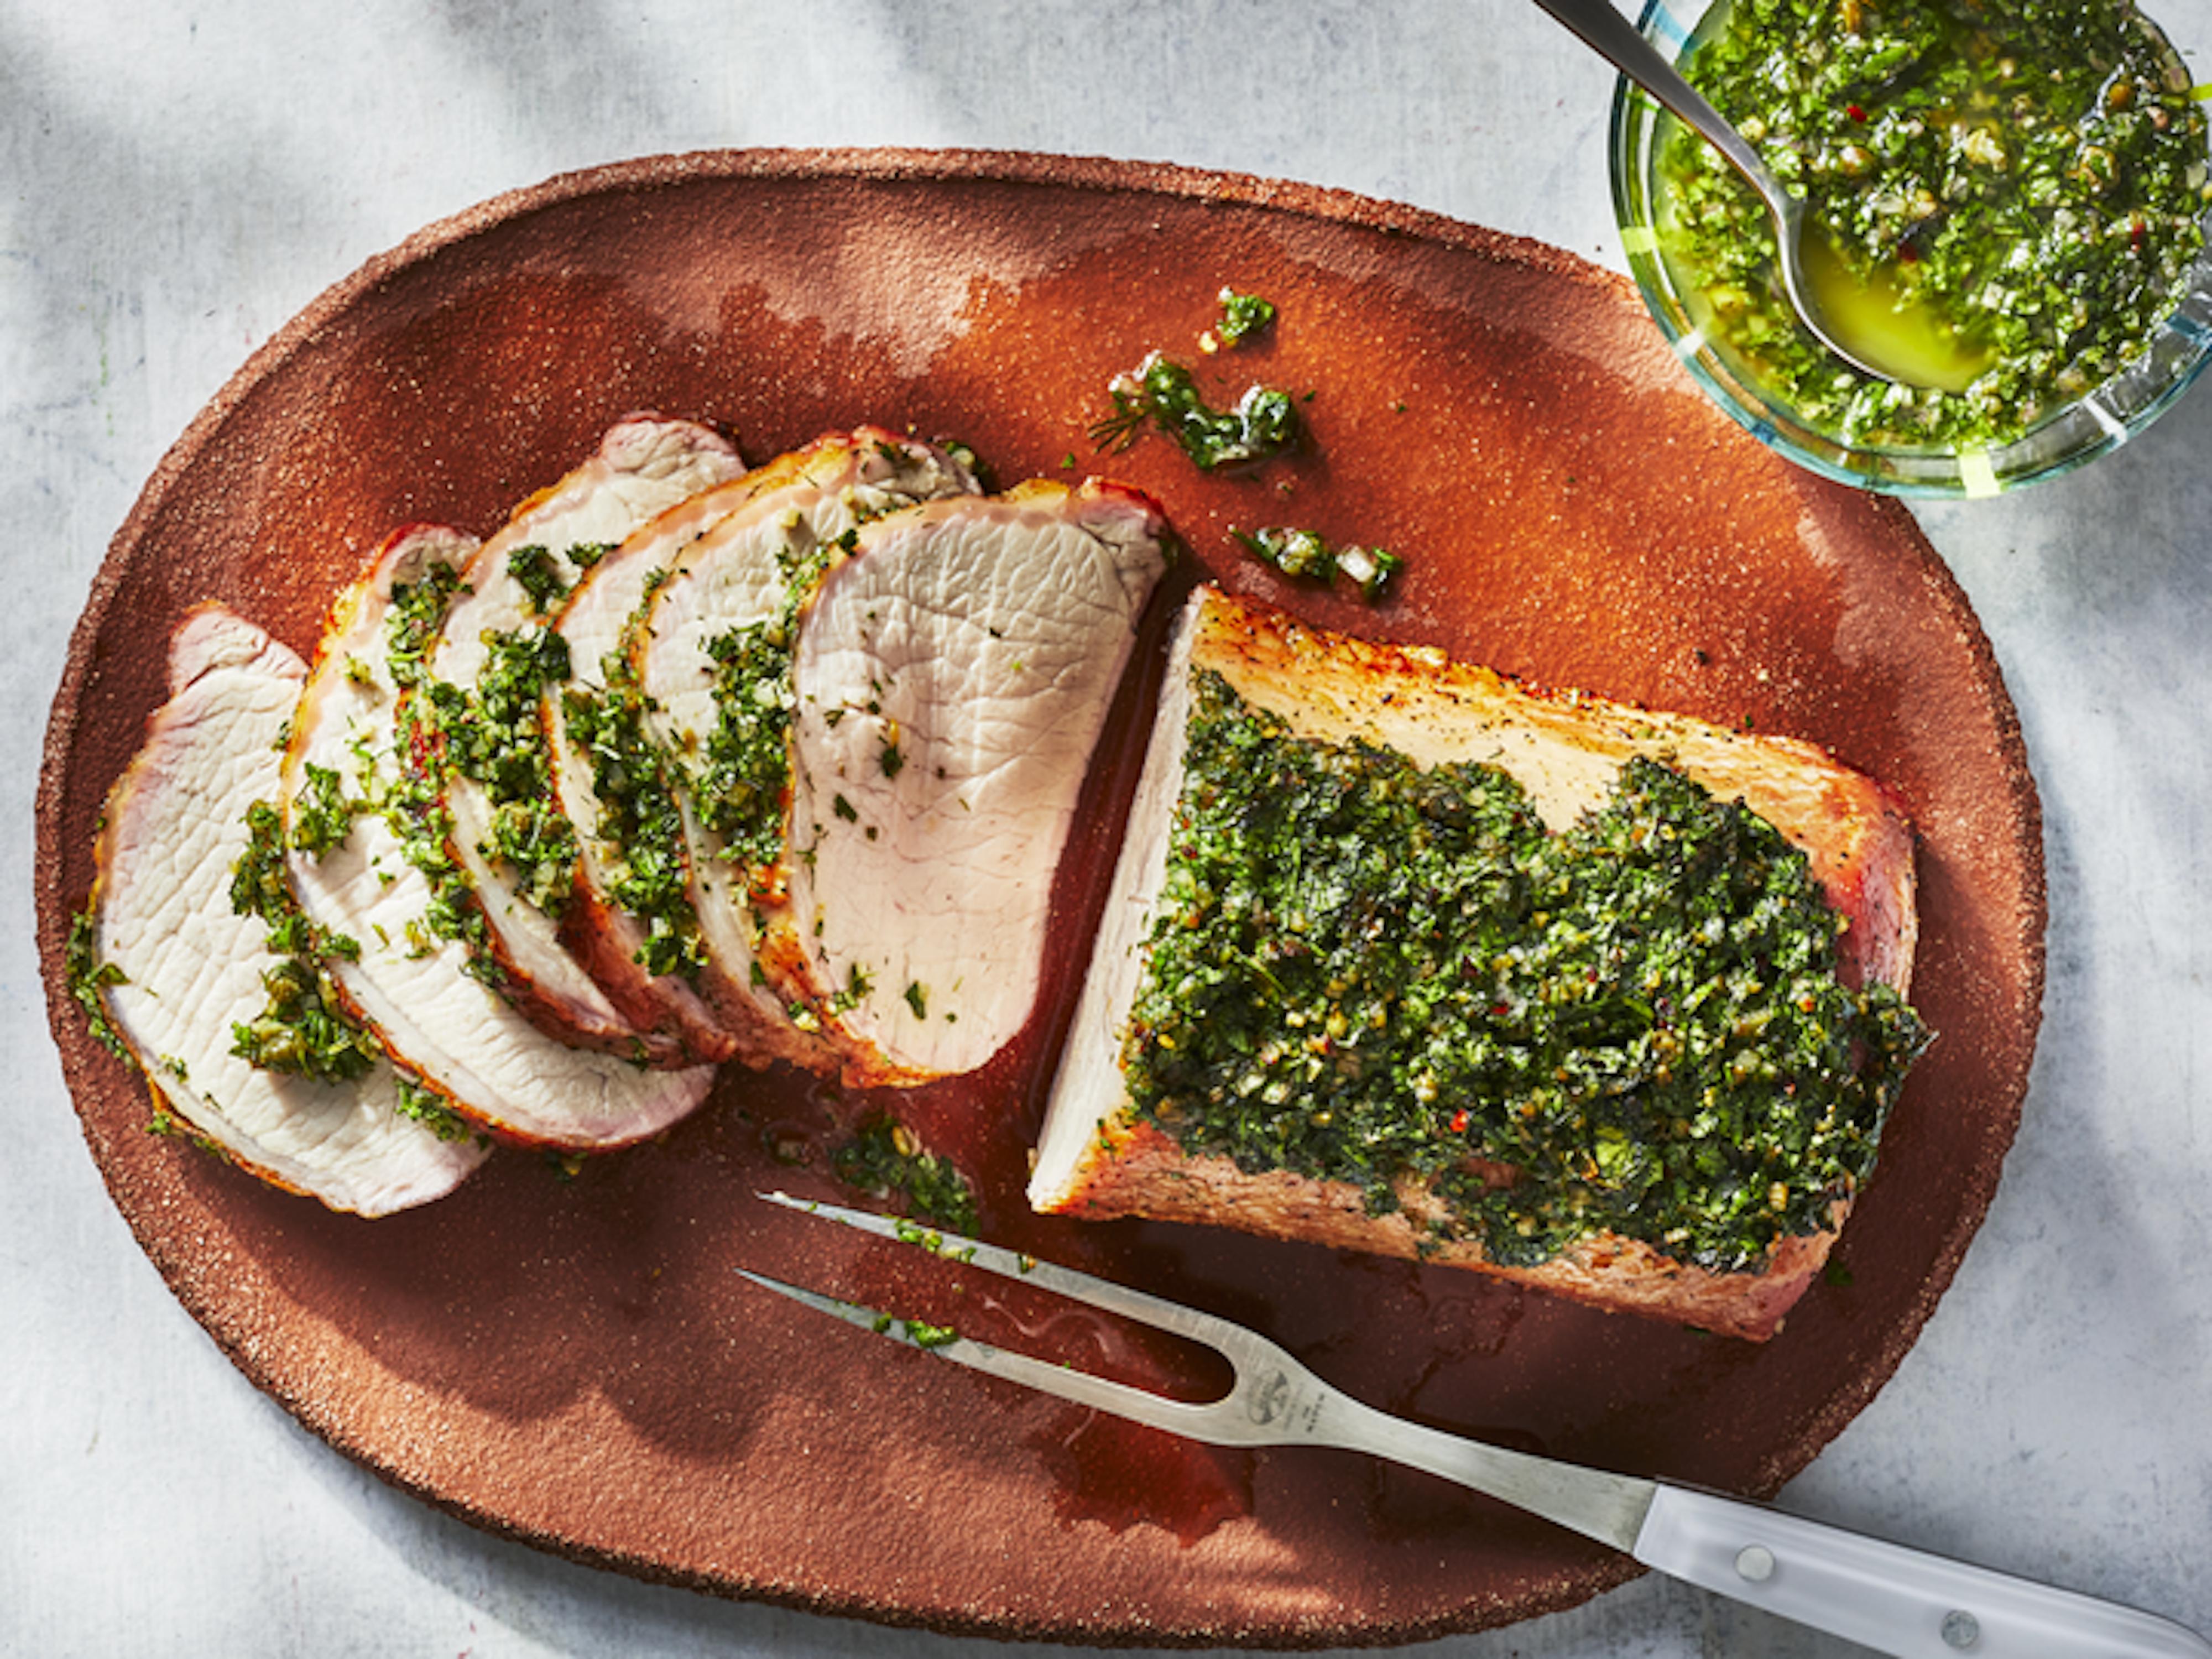 mr - Pellet Grill Pork Loin With Salsa Verde Image